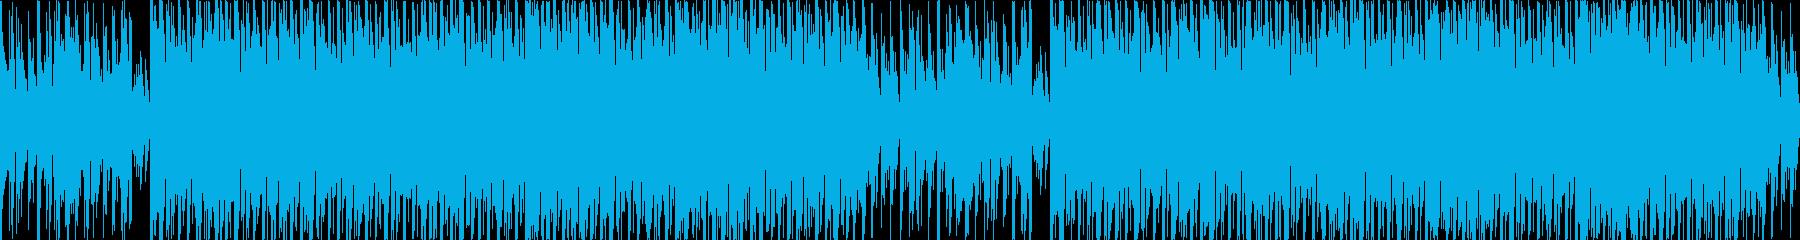 かわいいベルうきうきポップな日常ループcの再生済みの波形